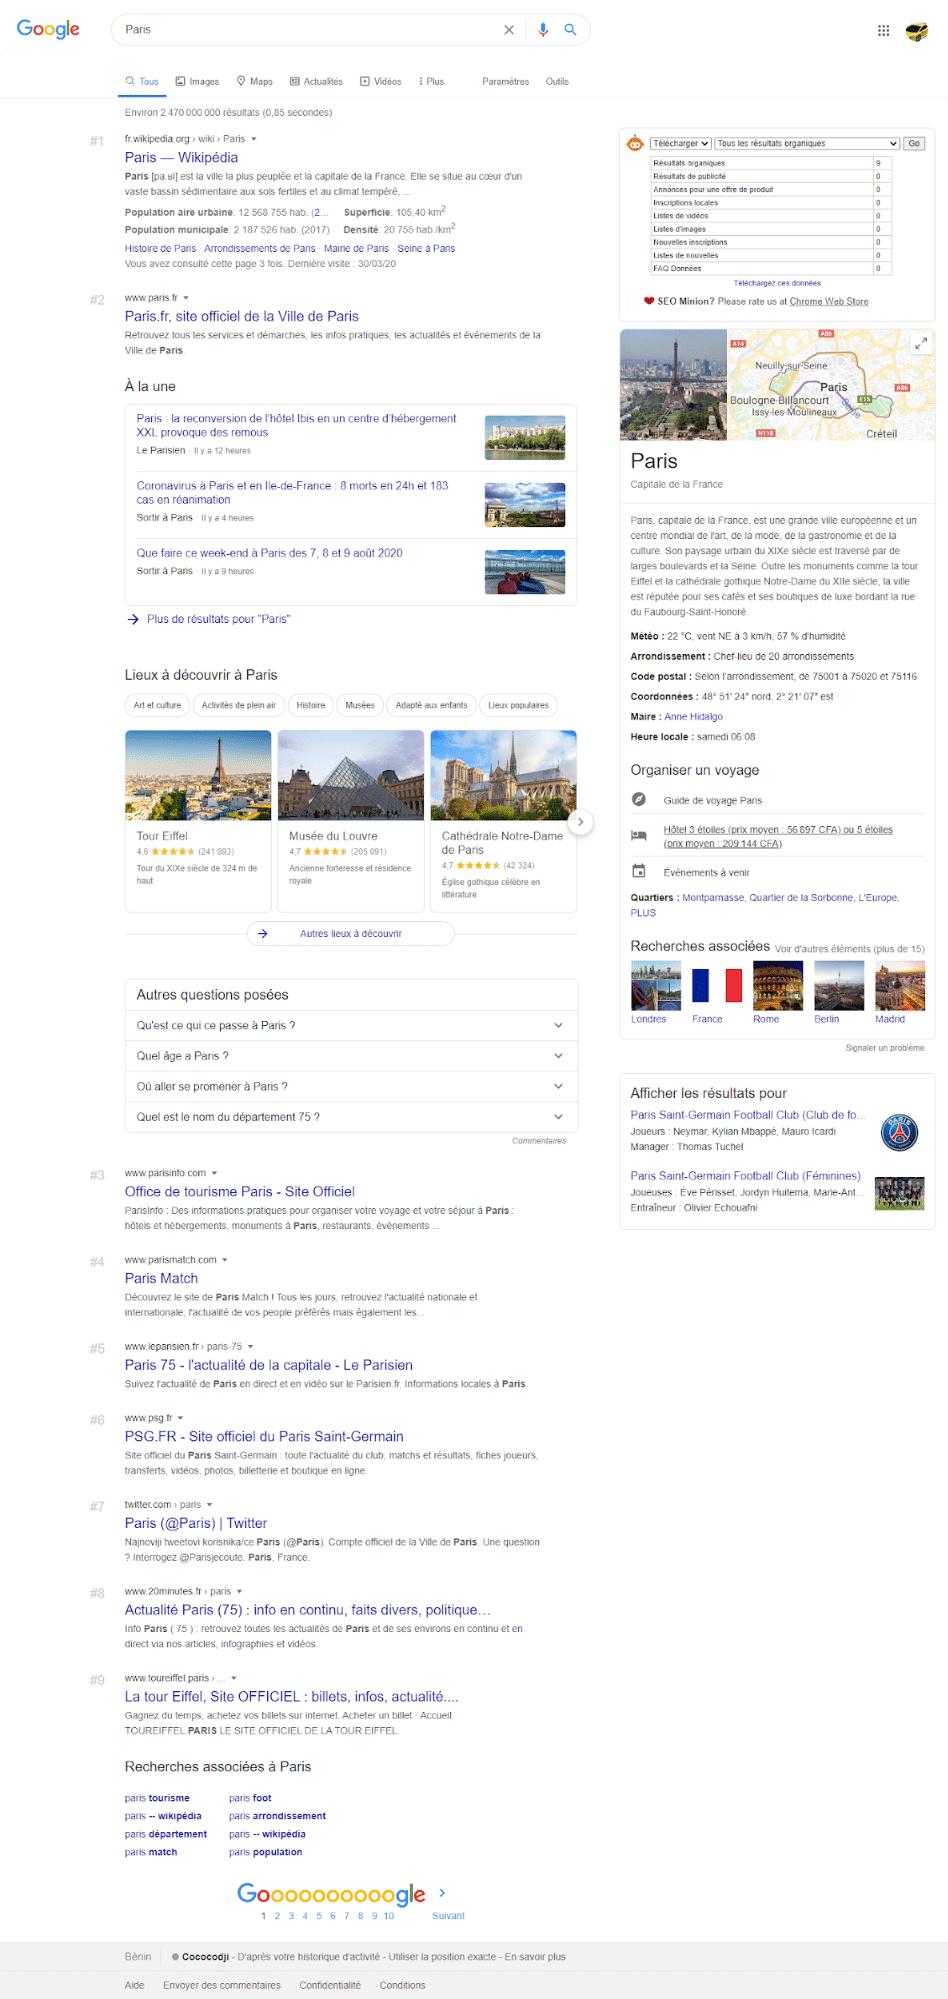 Le graphique de connaissances Google